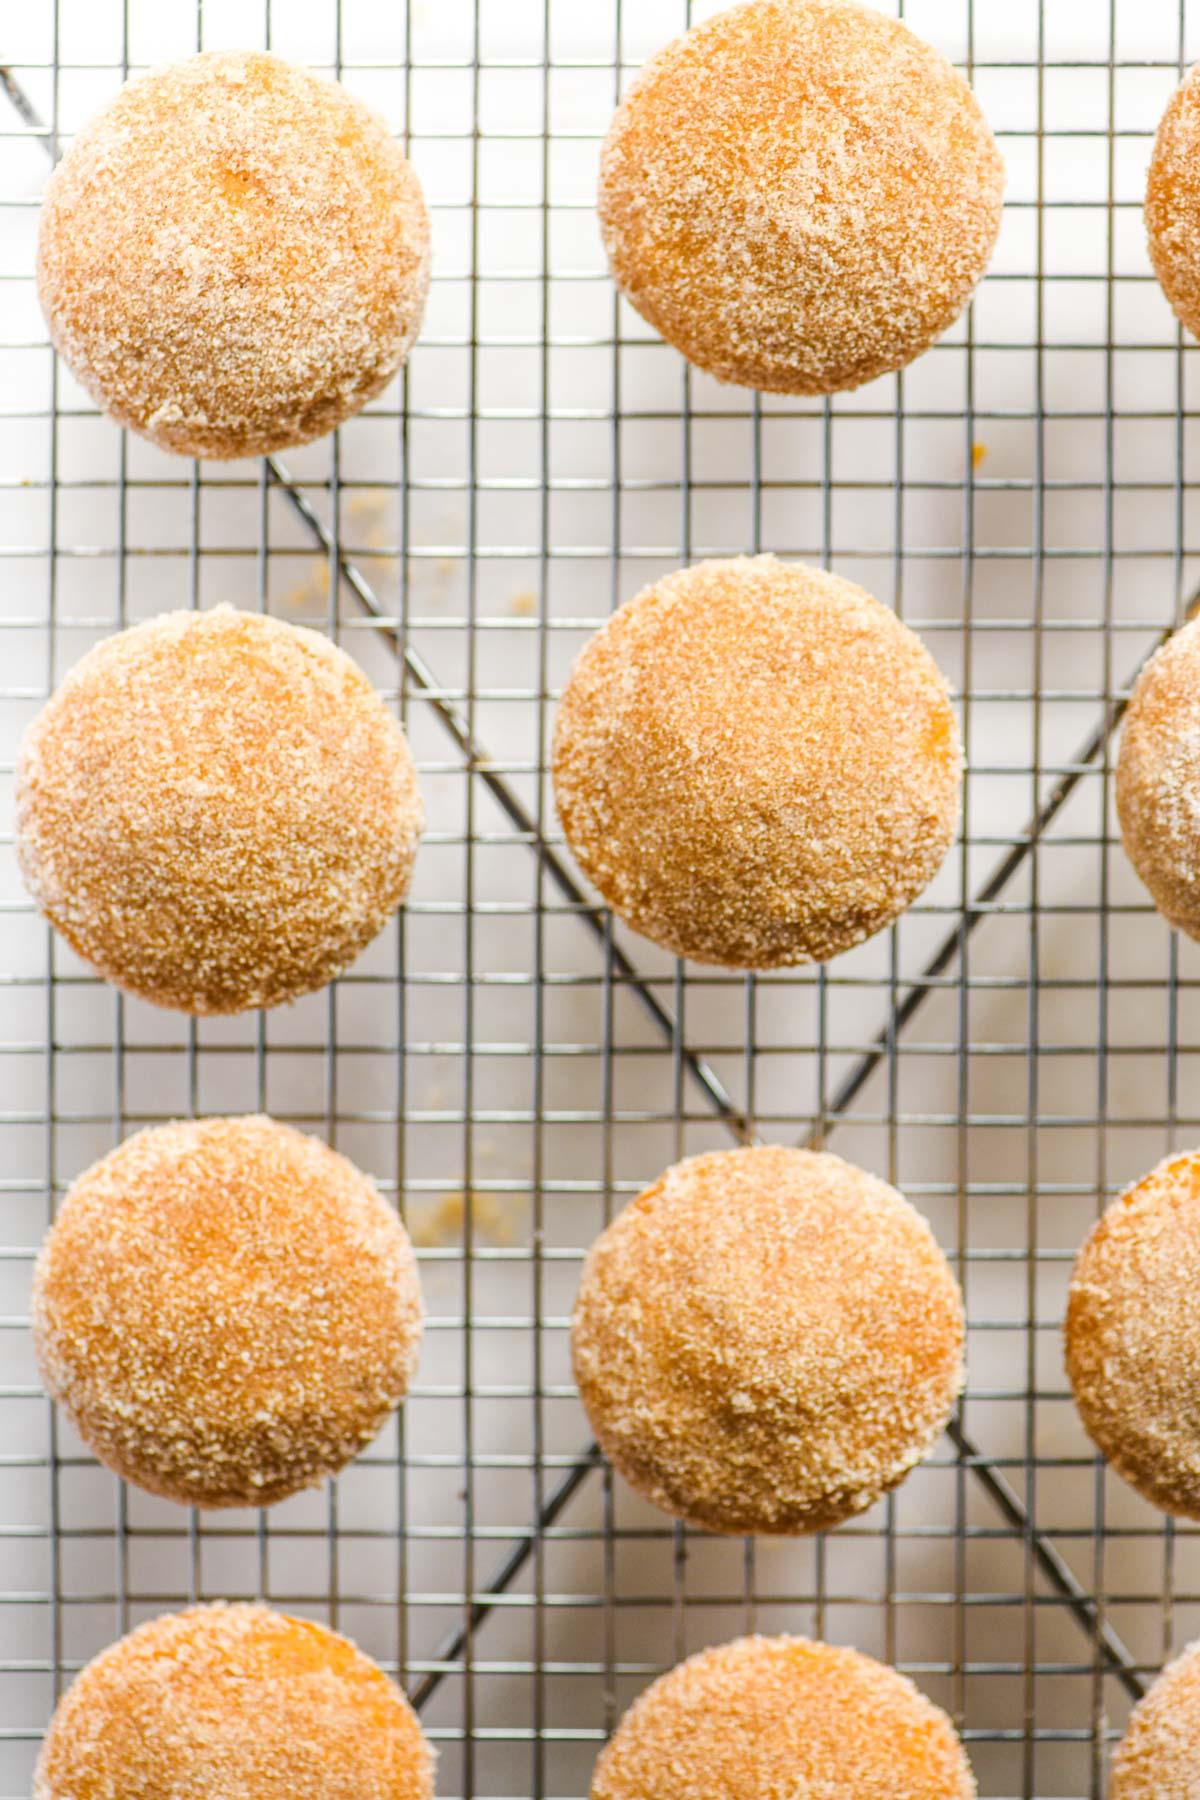 pumpkin doughnut muffins on a cooling rack, coated in sugar